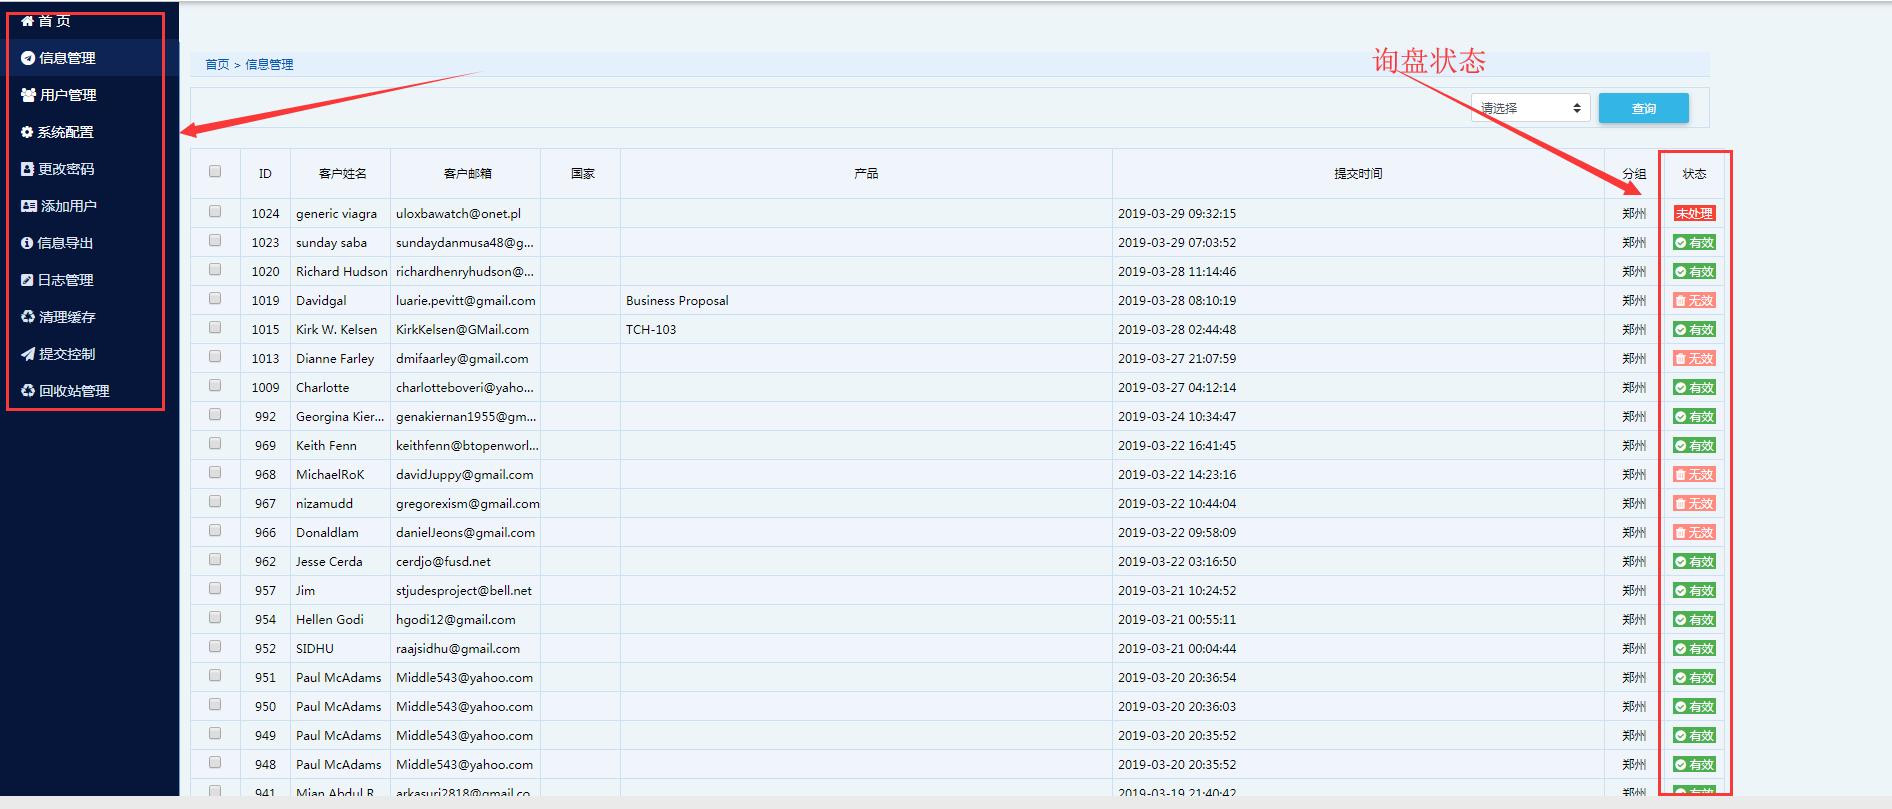 外贸留言系统